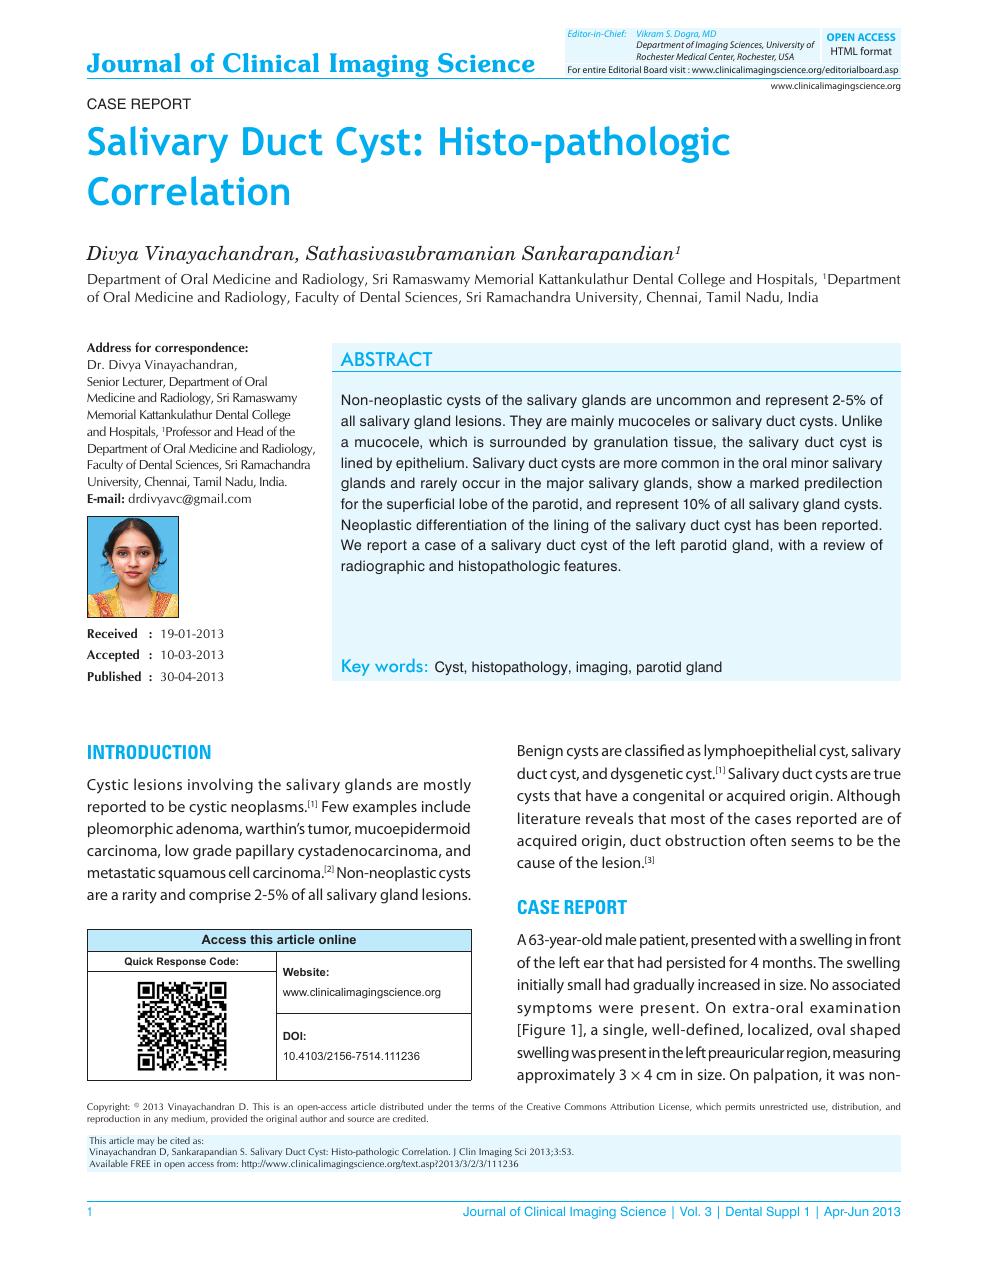 Salivary Duct Cyst: Histo-pathologic Correlation – topic of